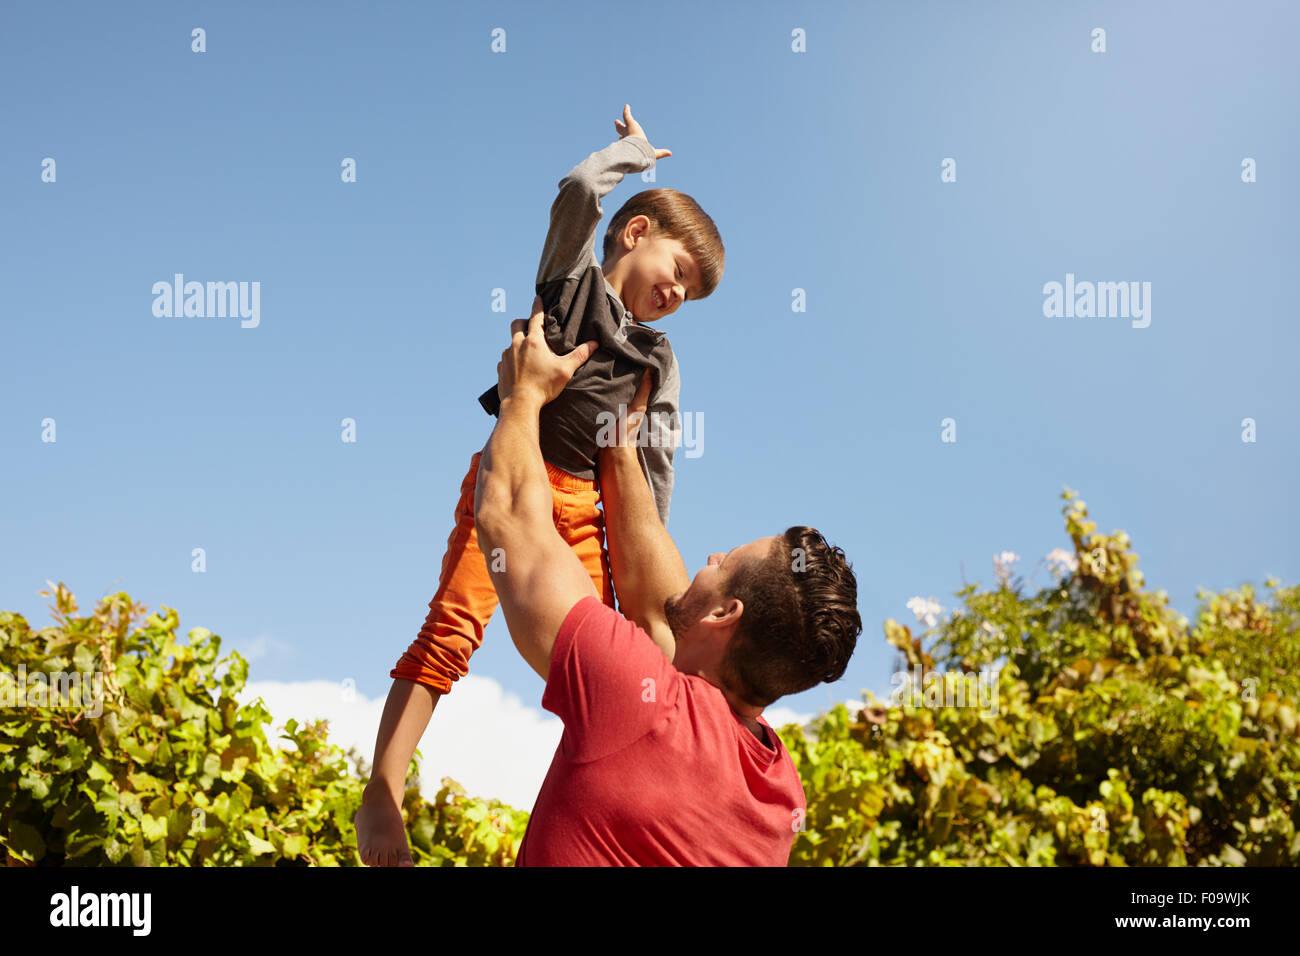 Aufnahme des jungen Mann, der seinen kleinen Sohn hoch in Luft gegen Himmel an einem sonnigen Tag hält. Glücklicher Stockbild